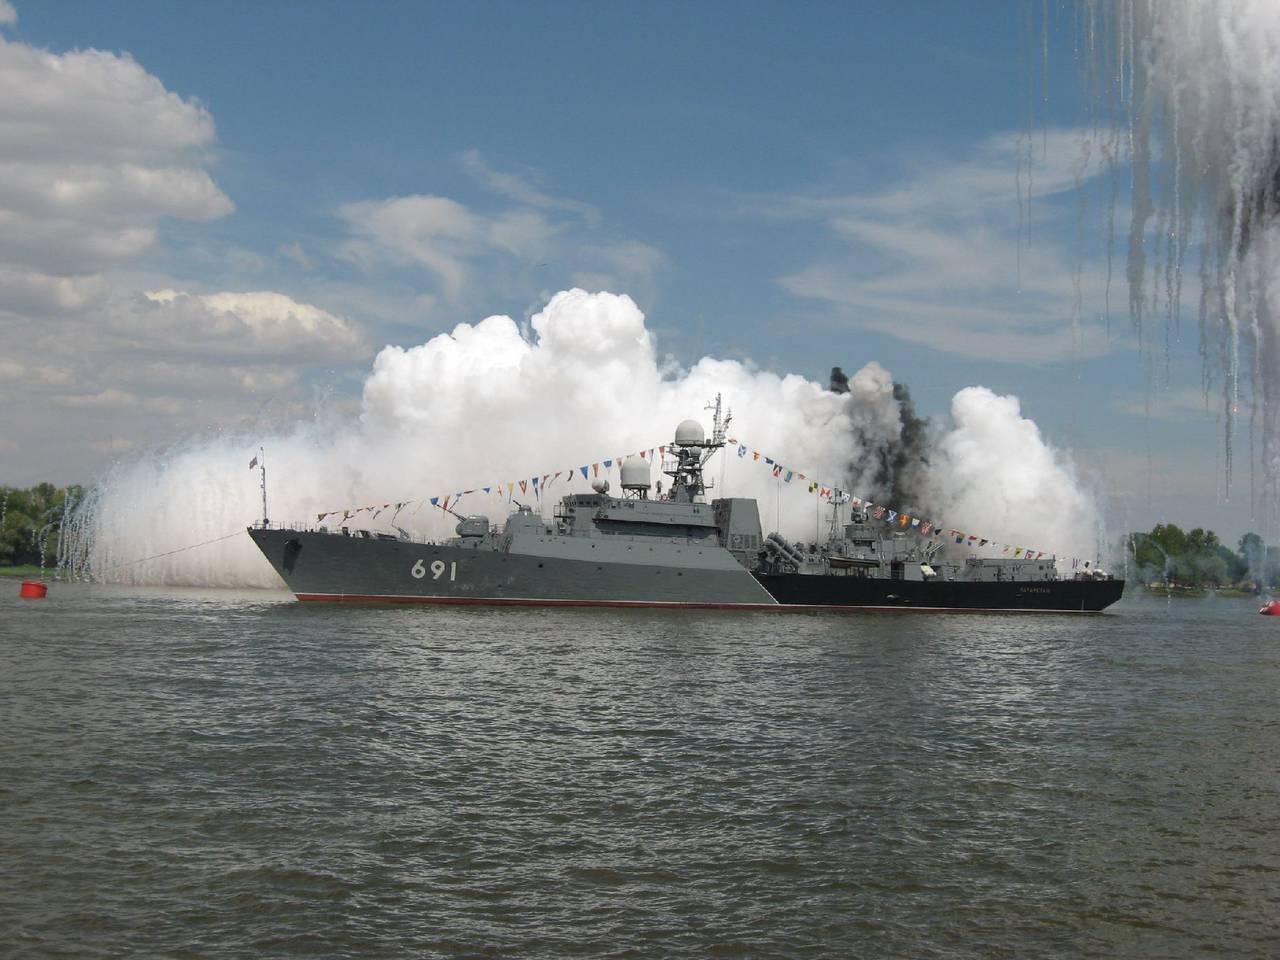 नौसेना के कमांडर ने बेड़े के भविष्य के बारे में बात की